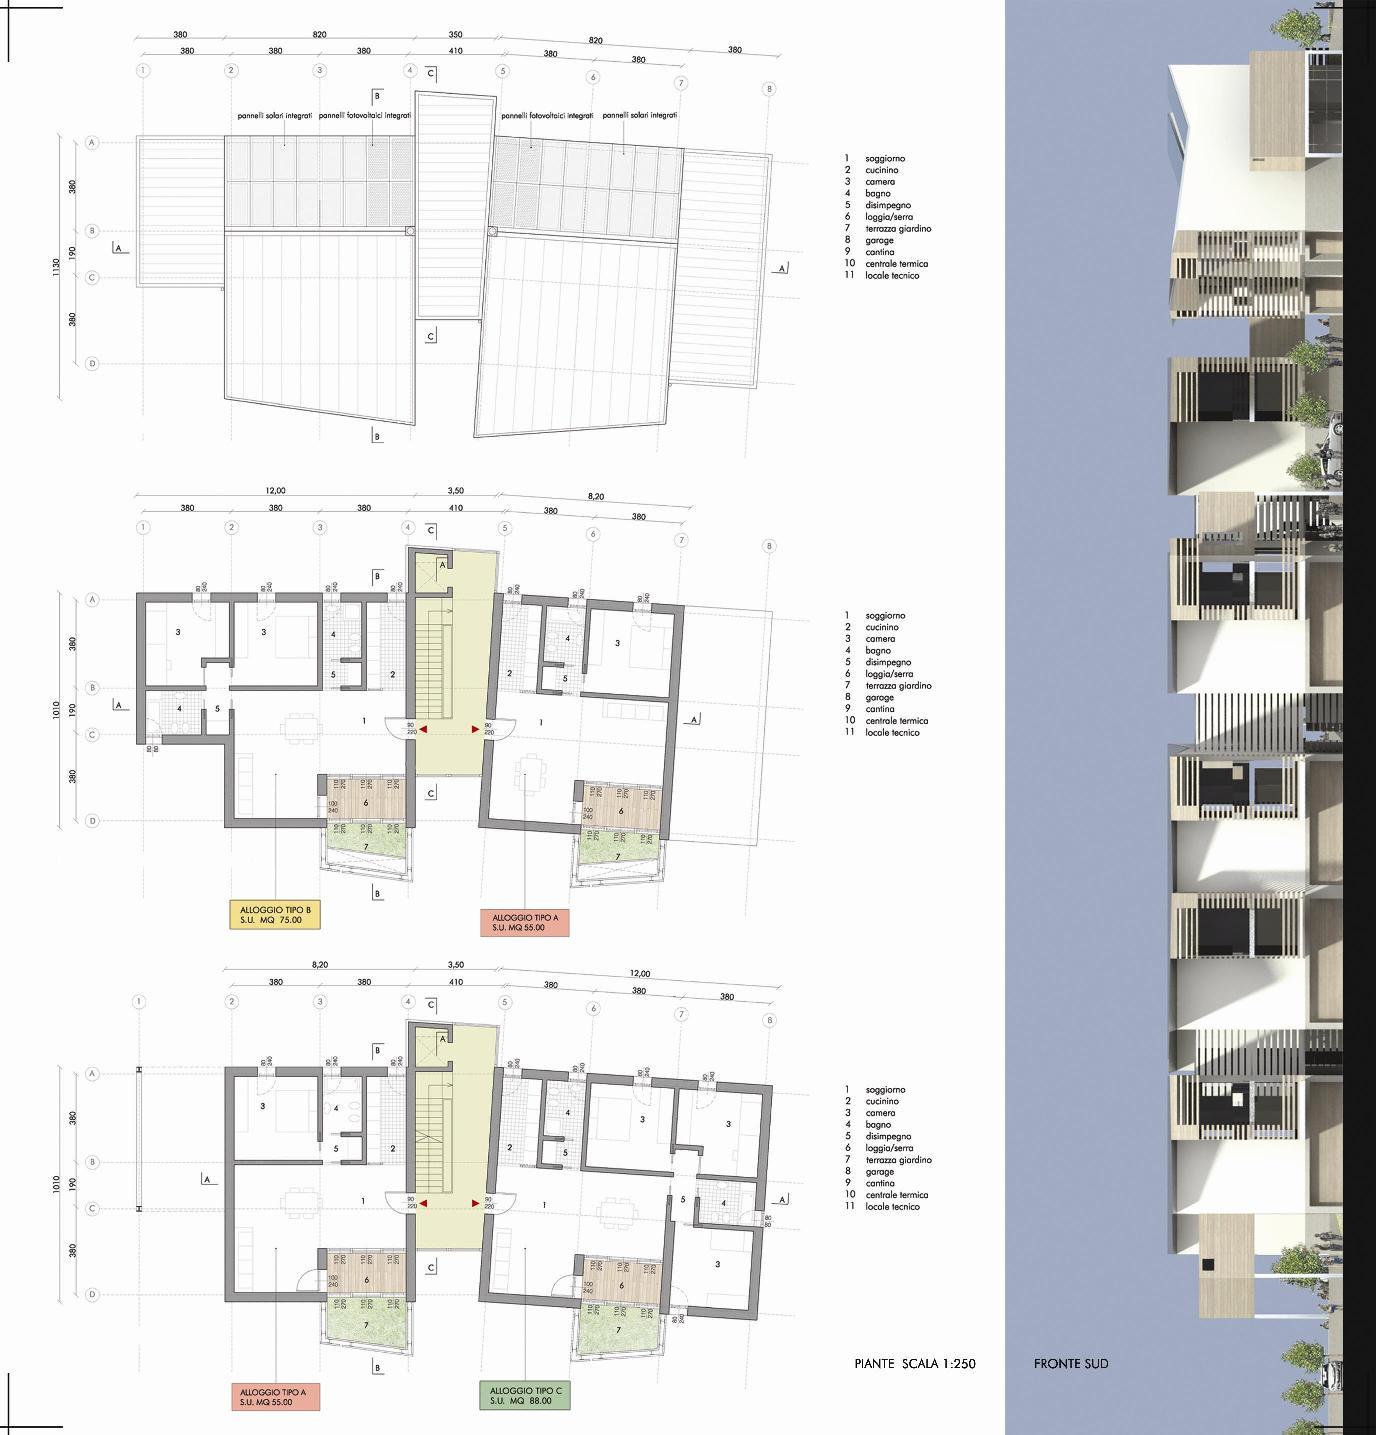 Slideshow architettura immagini for Architettura vernacolare